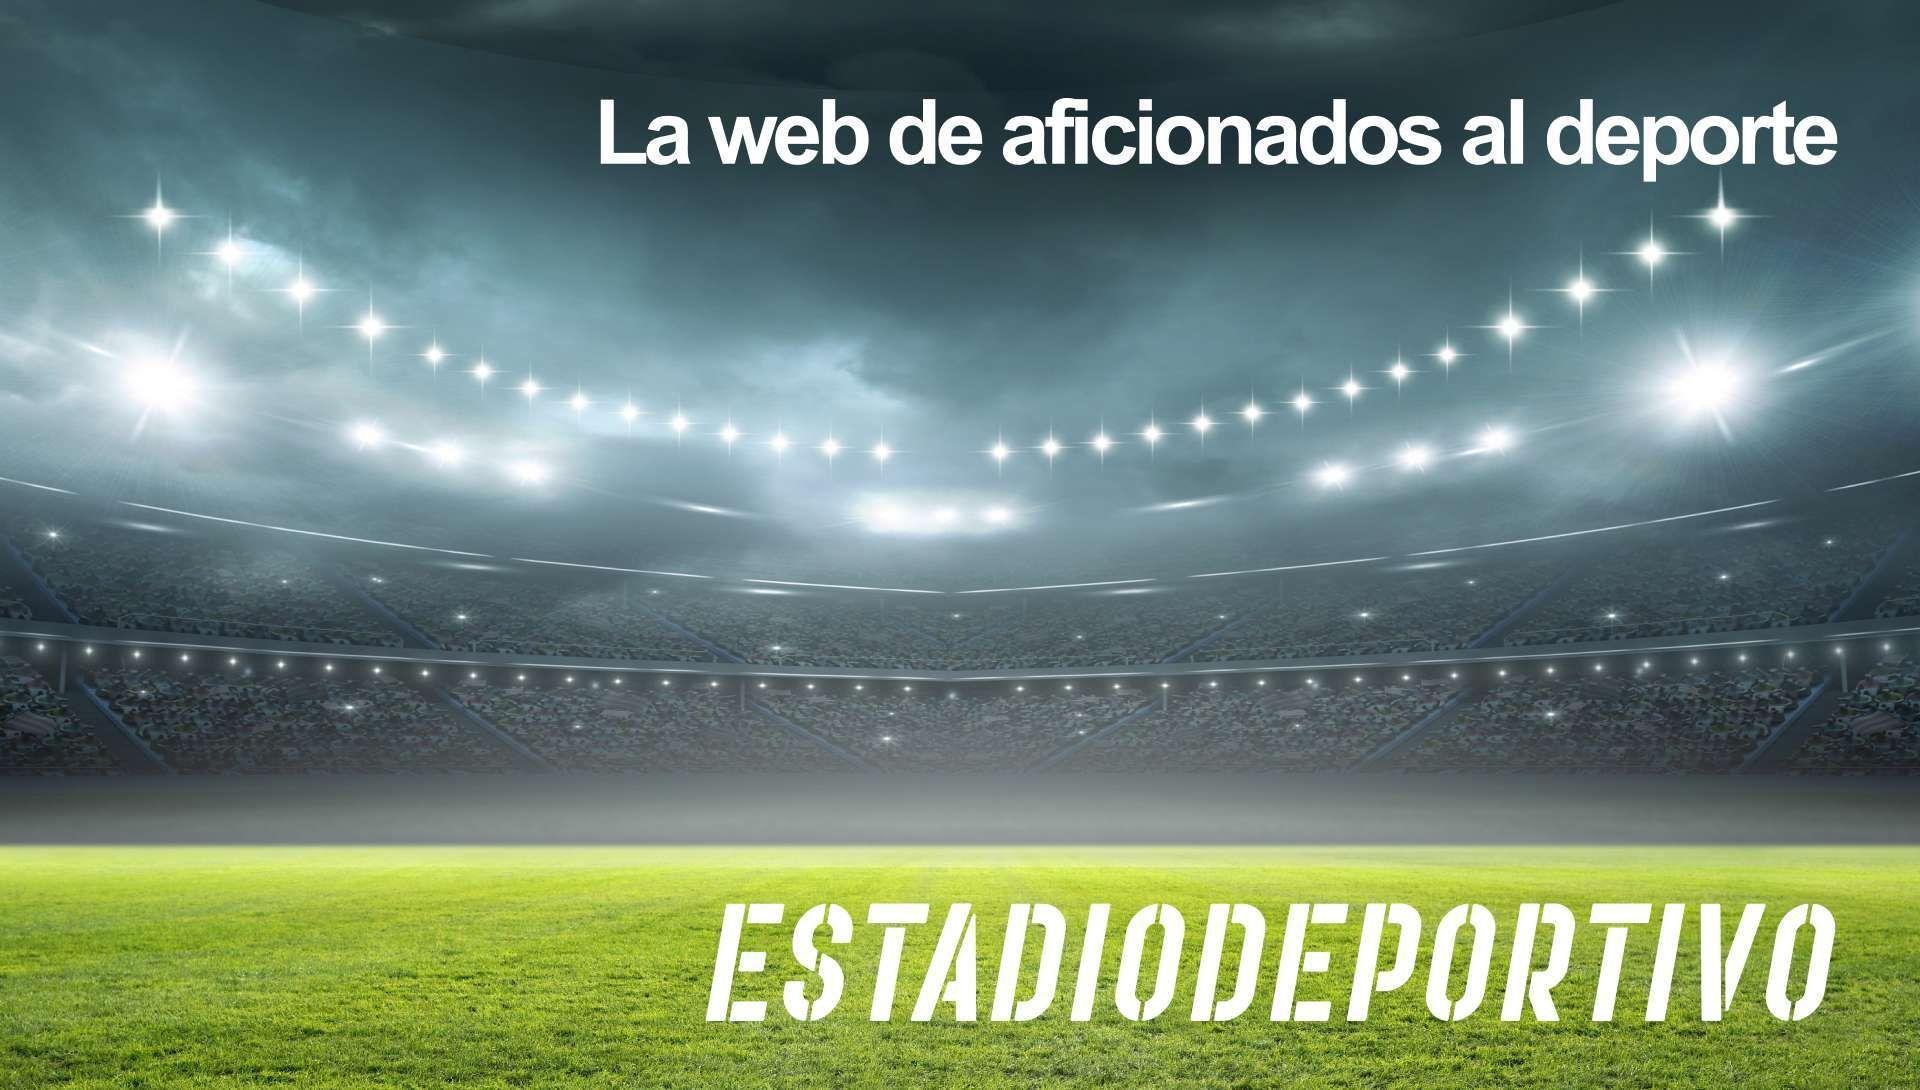 Las portadas del miércoles 23 de junio